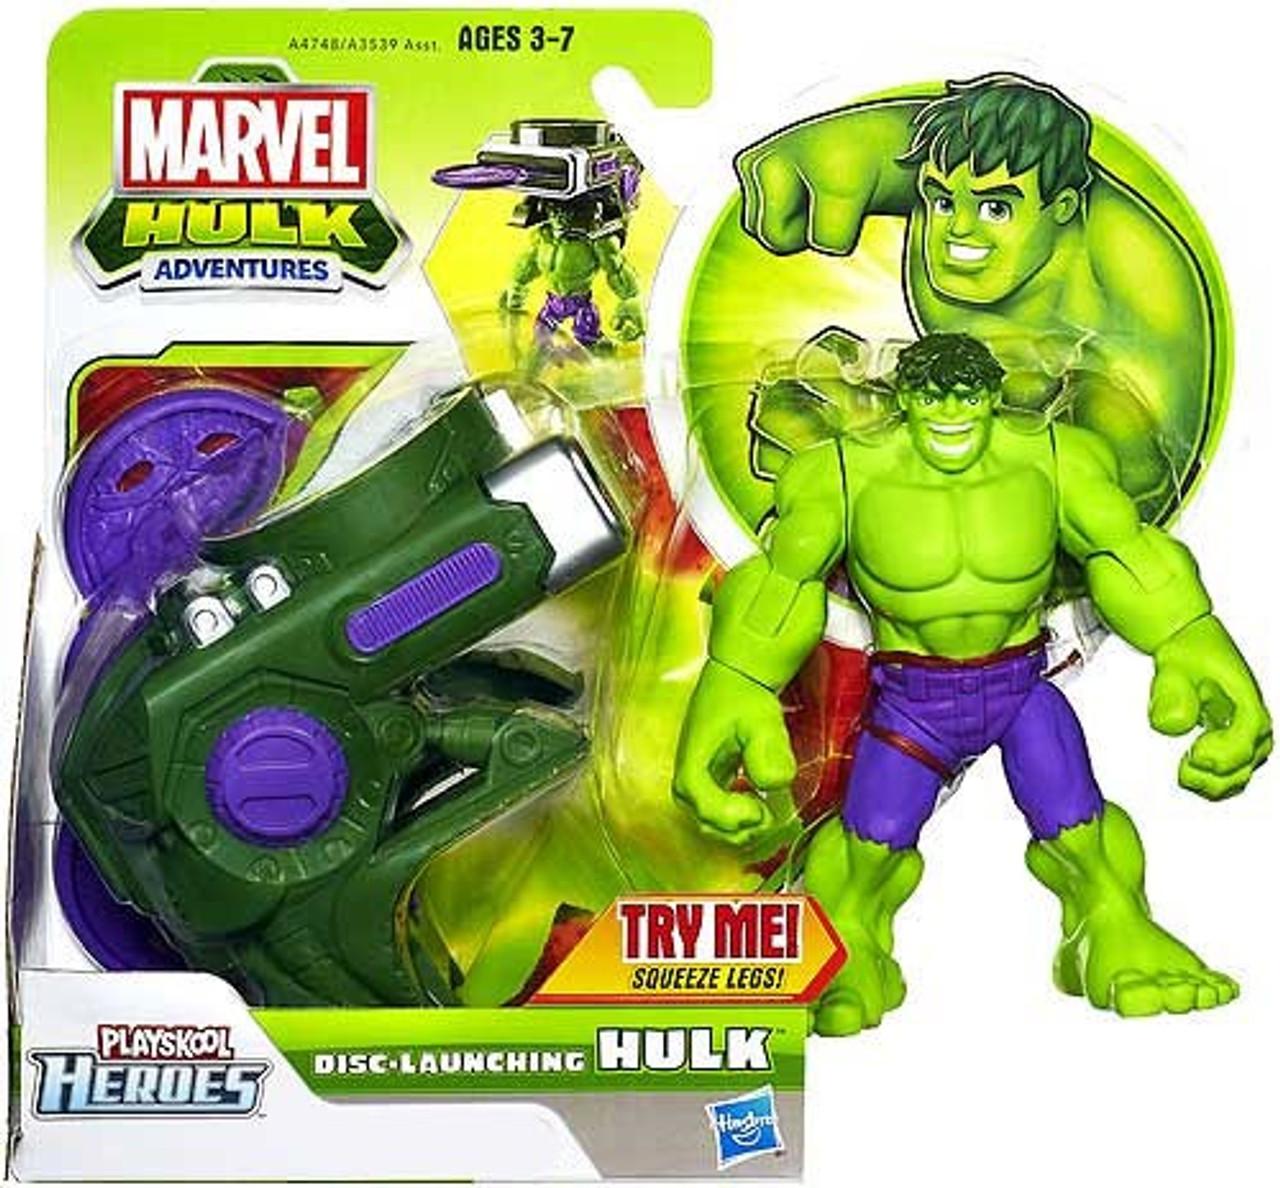 Marvel Playskool Heroes Hulk Adventures Disc-Launching Hulk Exclusive Action Figure Set